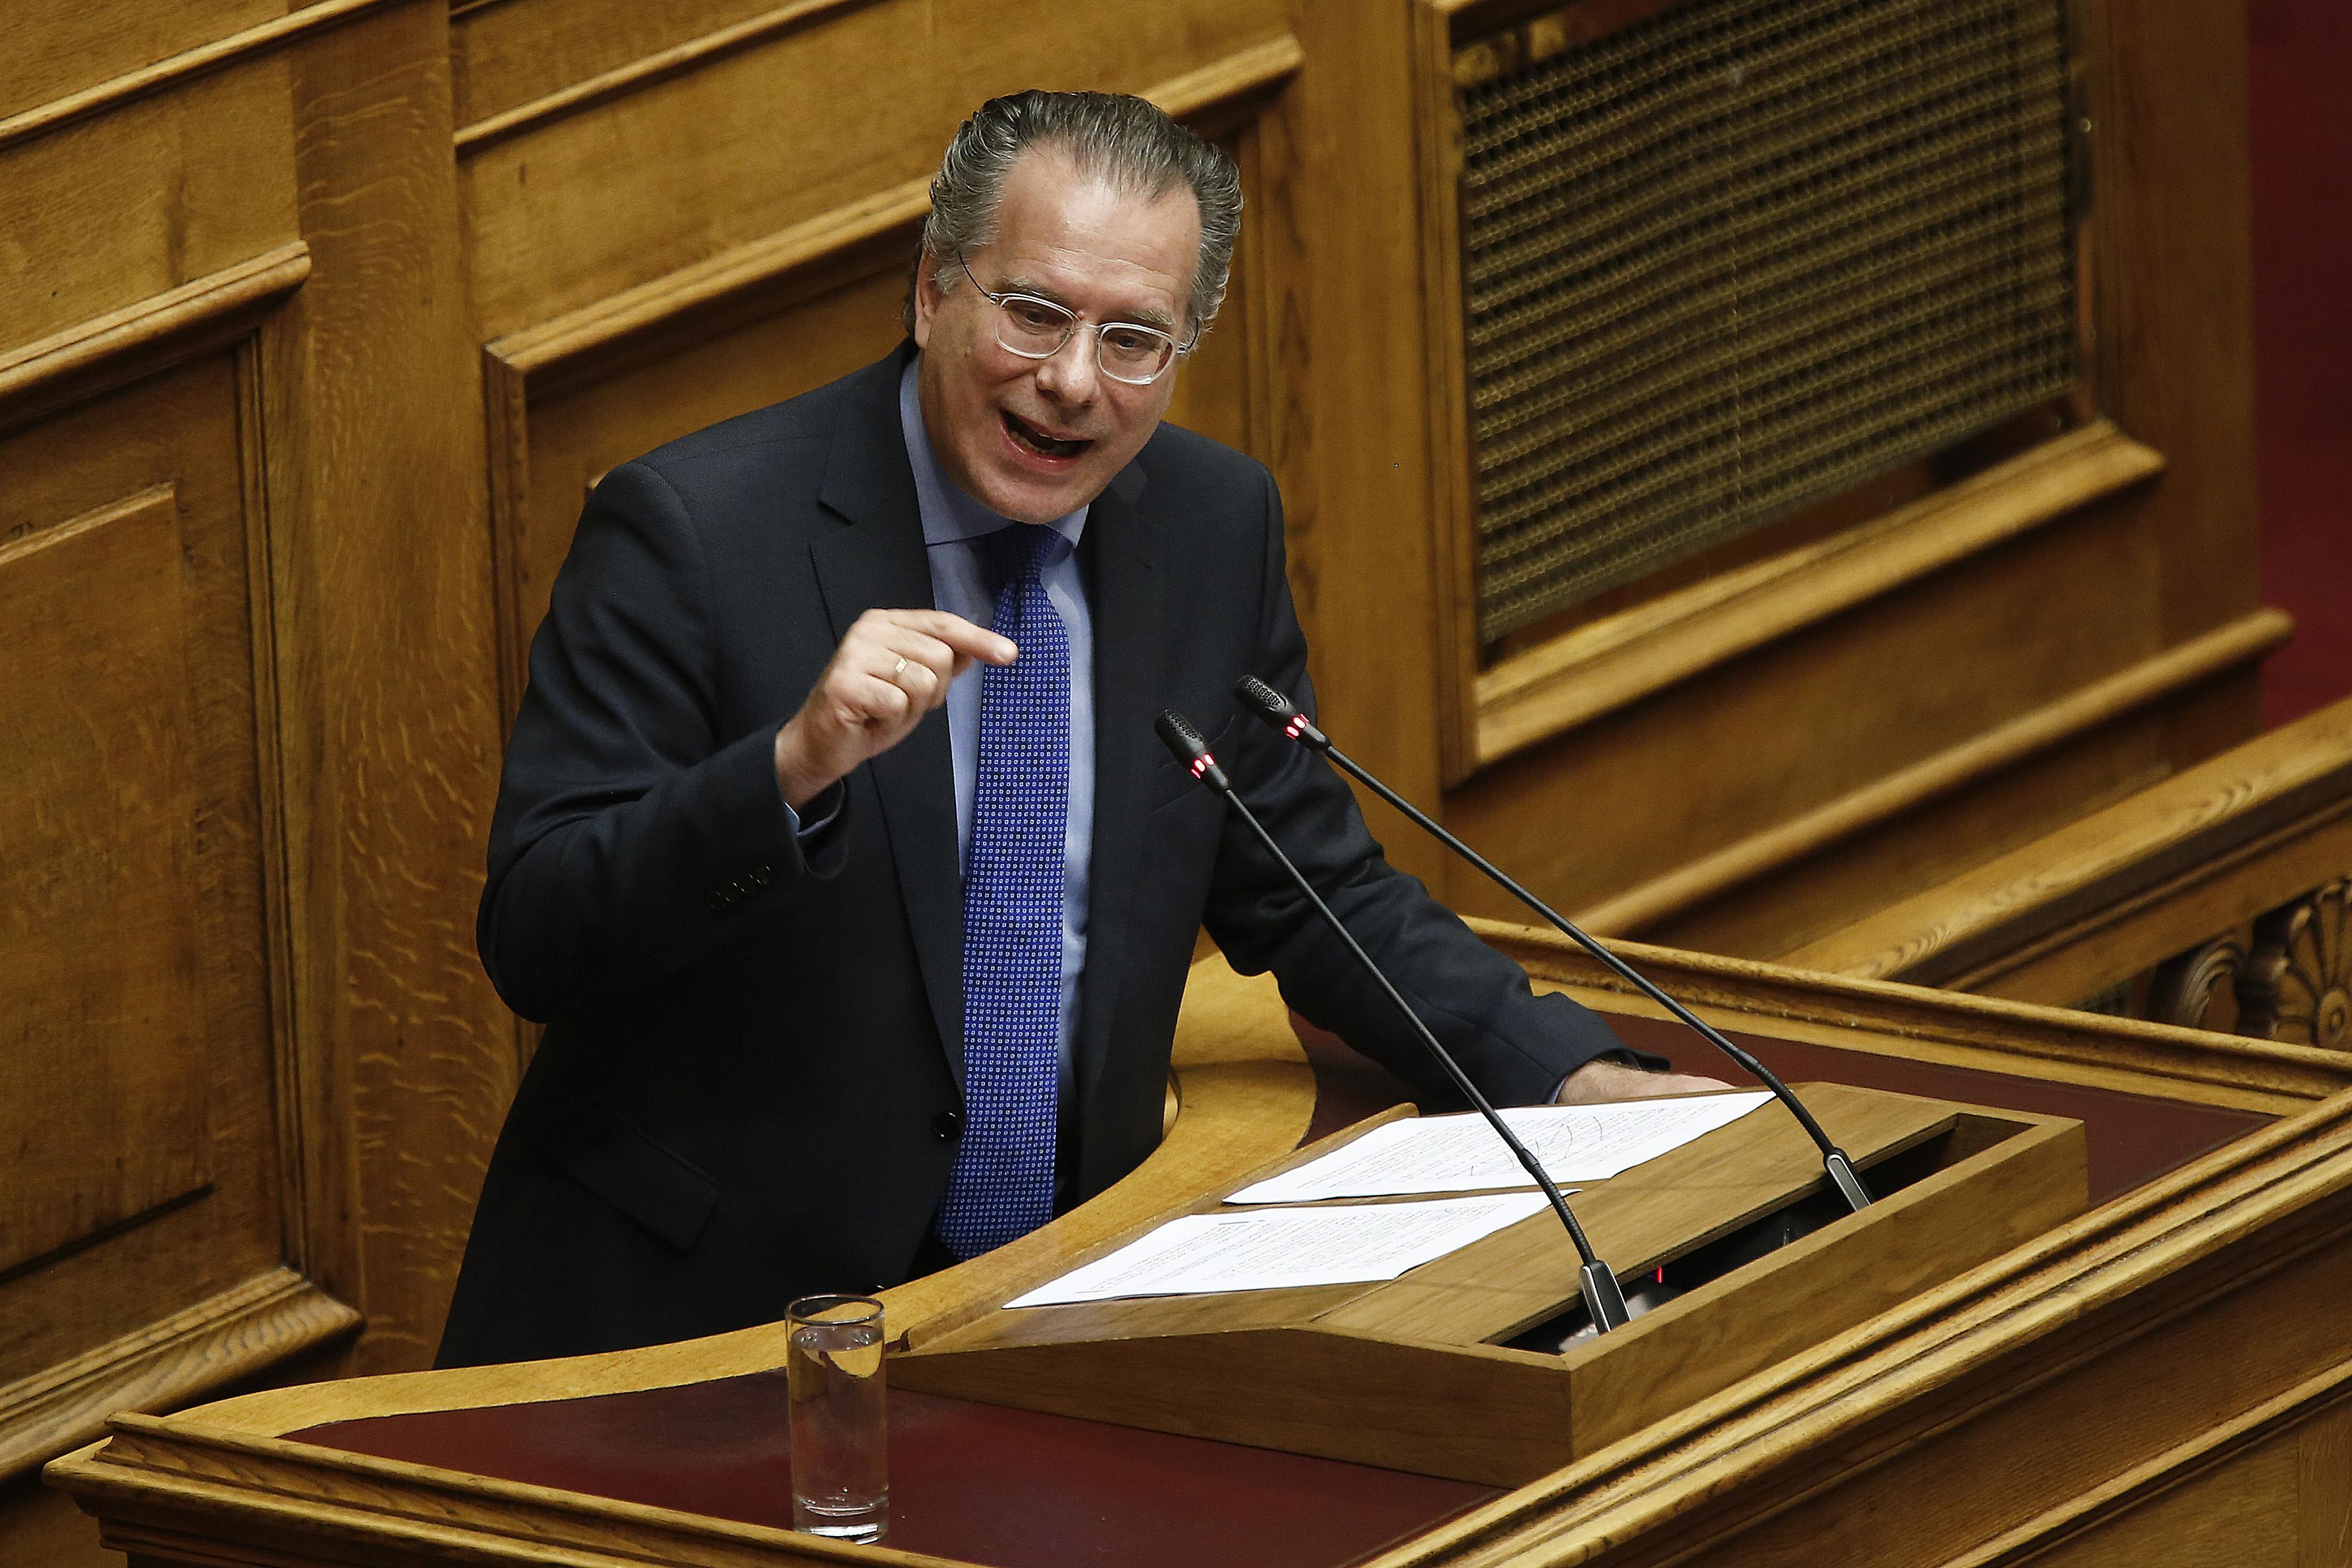 Κουμουτσάκος: Ο ΣΥΡΙΖΑ θα χορεύει μόνος του τον χορό του διχασμού   tovima.gr